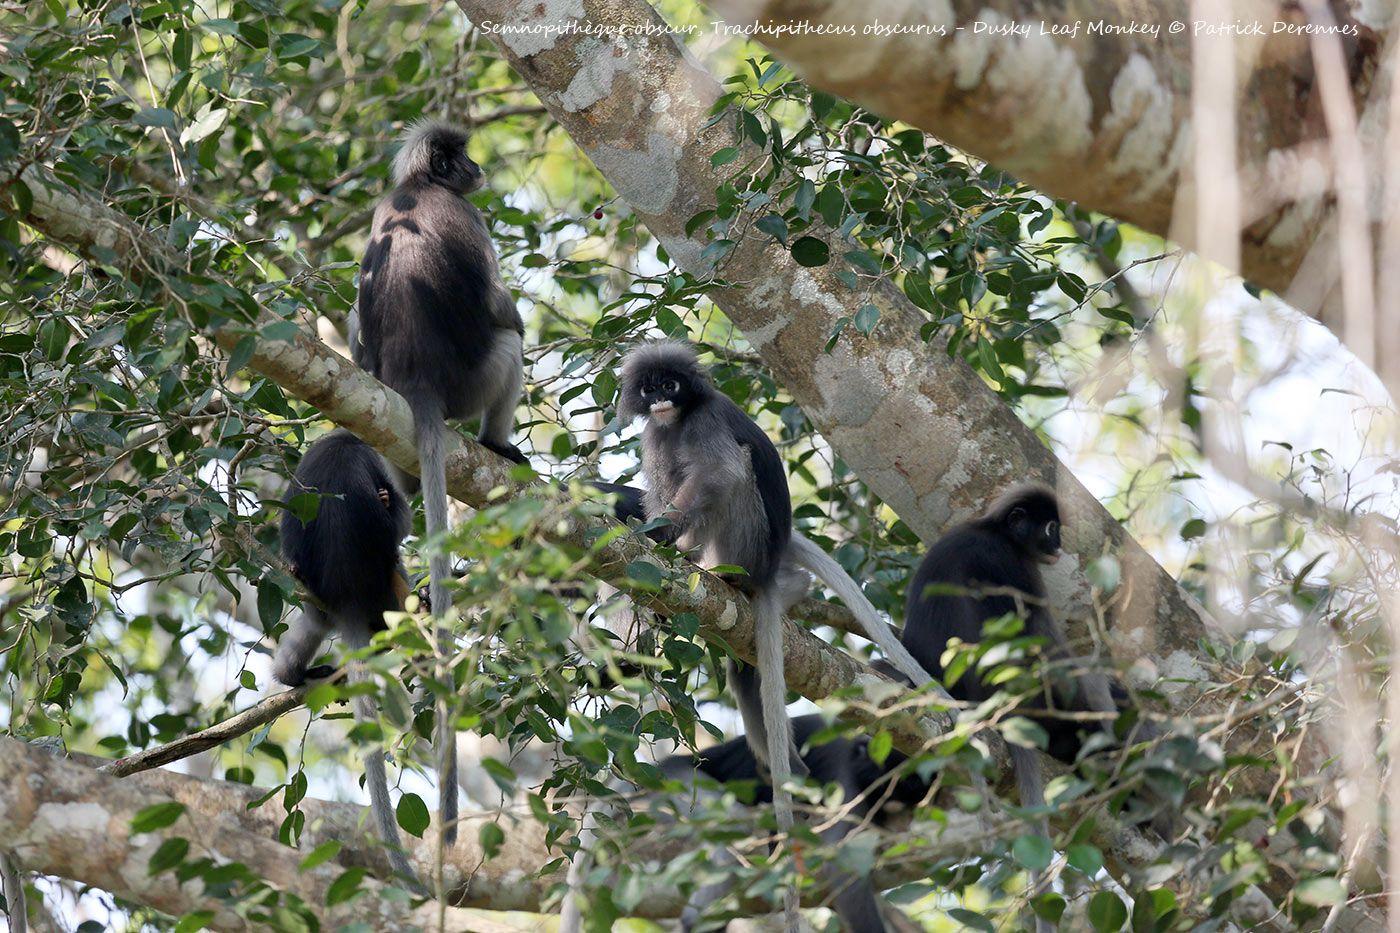 Thaïlande 2014 - Semnopithèque obscur